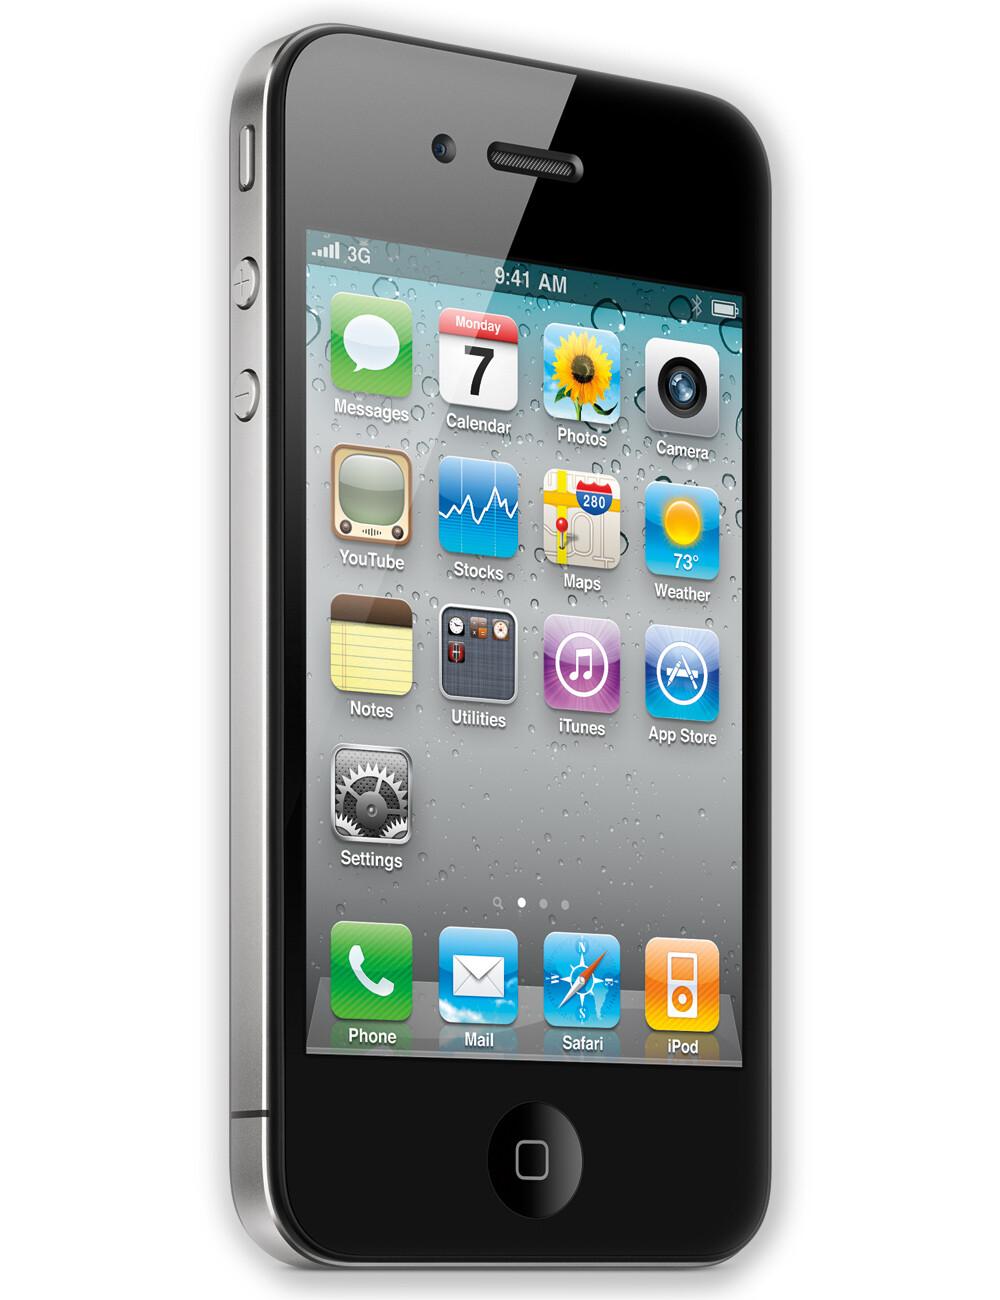 Verizon & sprint iphone 4: ultimate diy repair guide | imore.